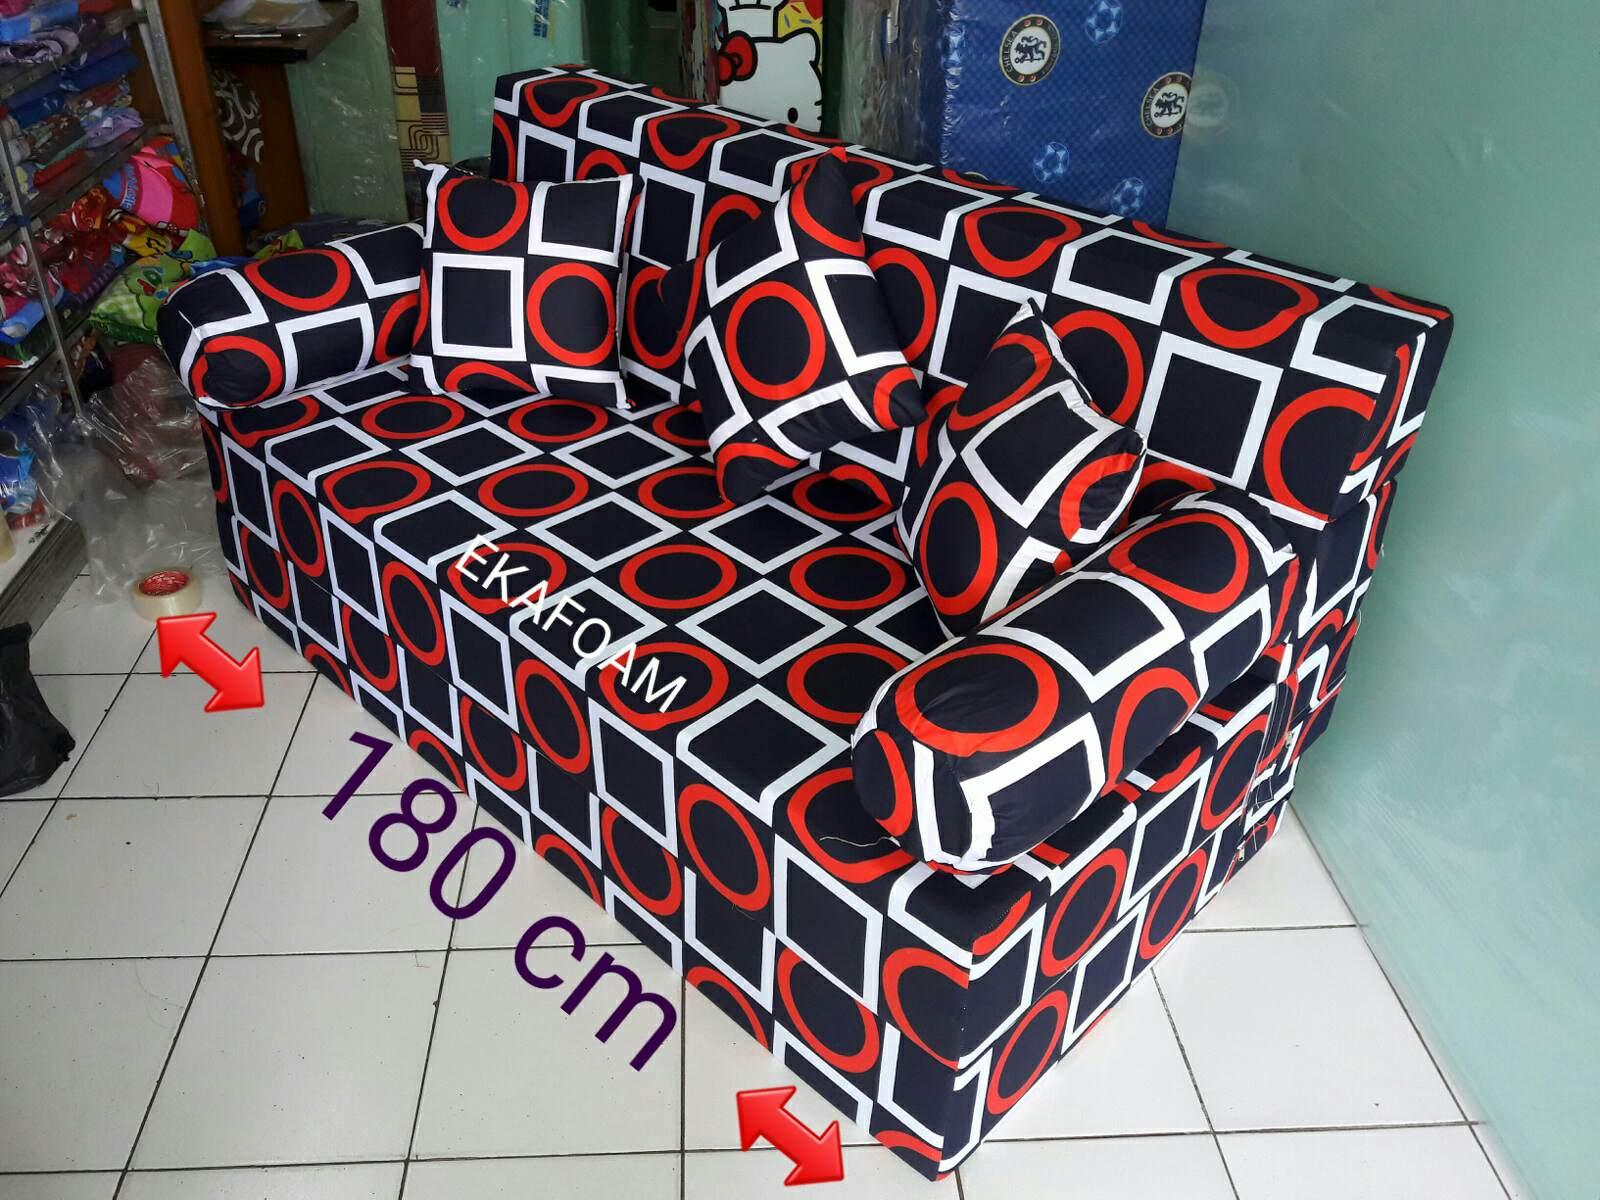 harga cover sofa bed inoac havering council removal terbaru 2019 agen jual kasur busa no 1